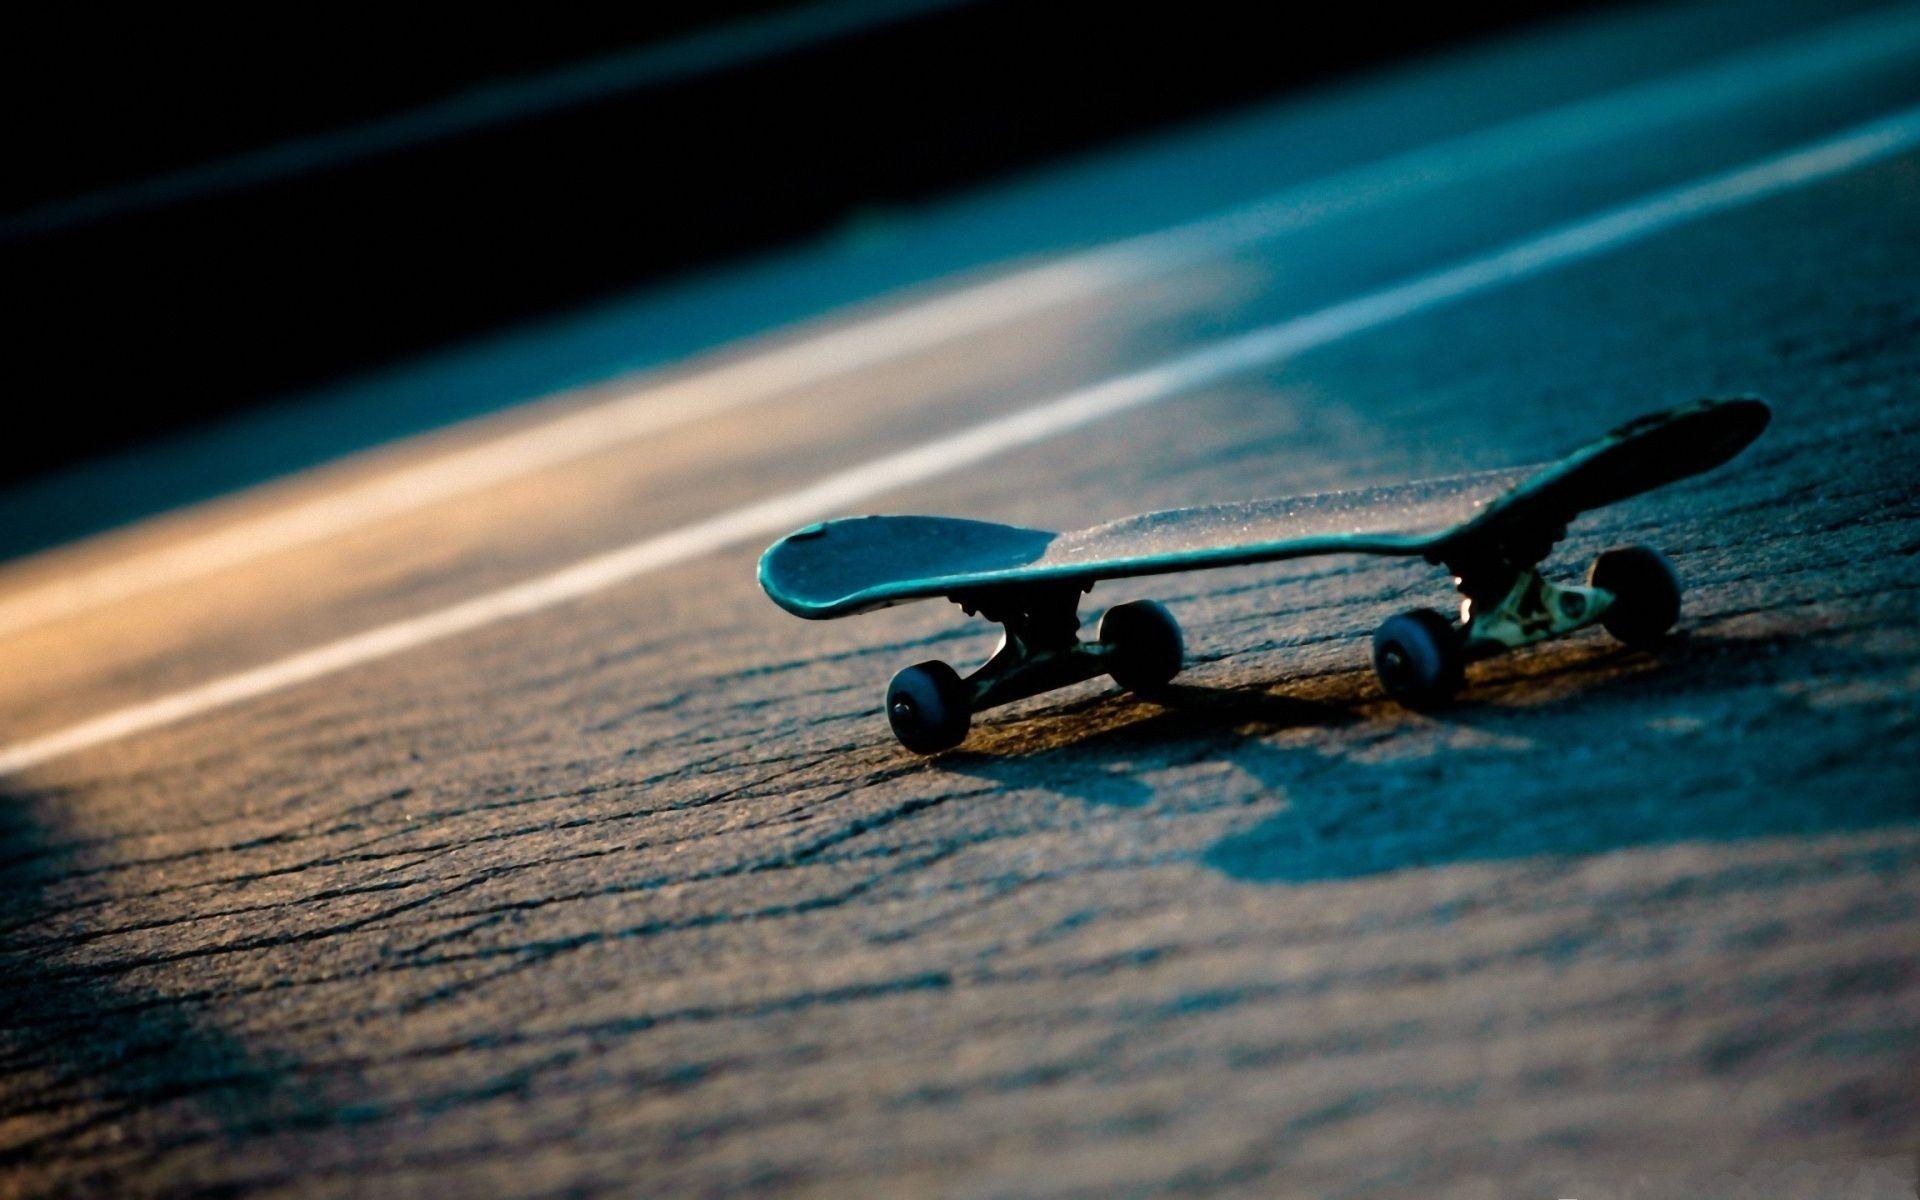 Skateboarding Wallpapers Skateboard Desktop wallpaper 1920x1200